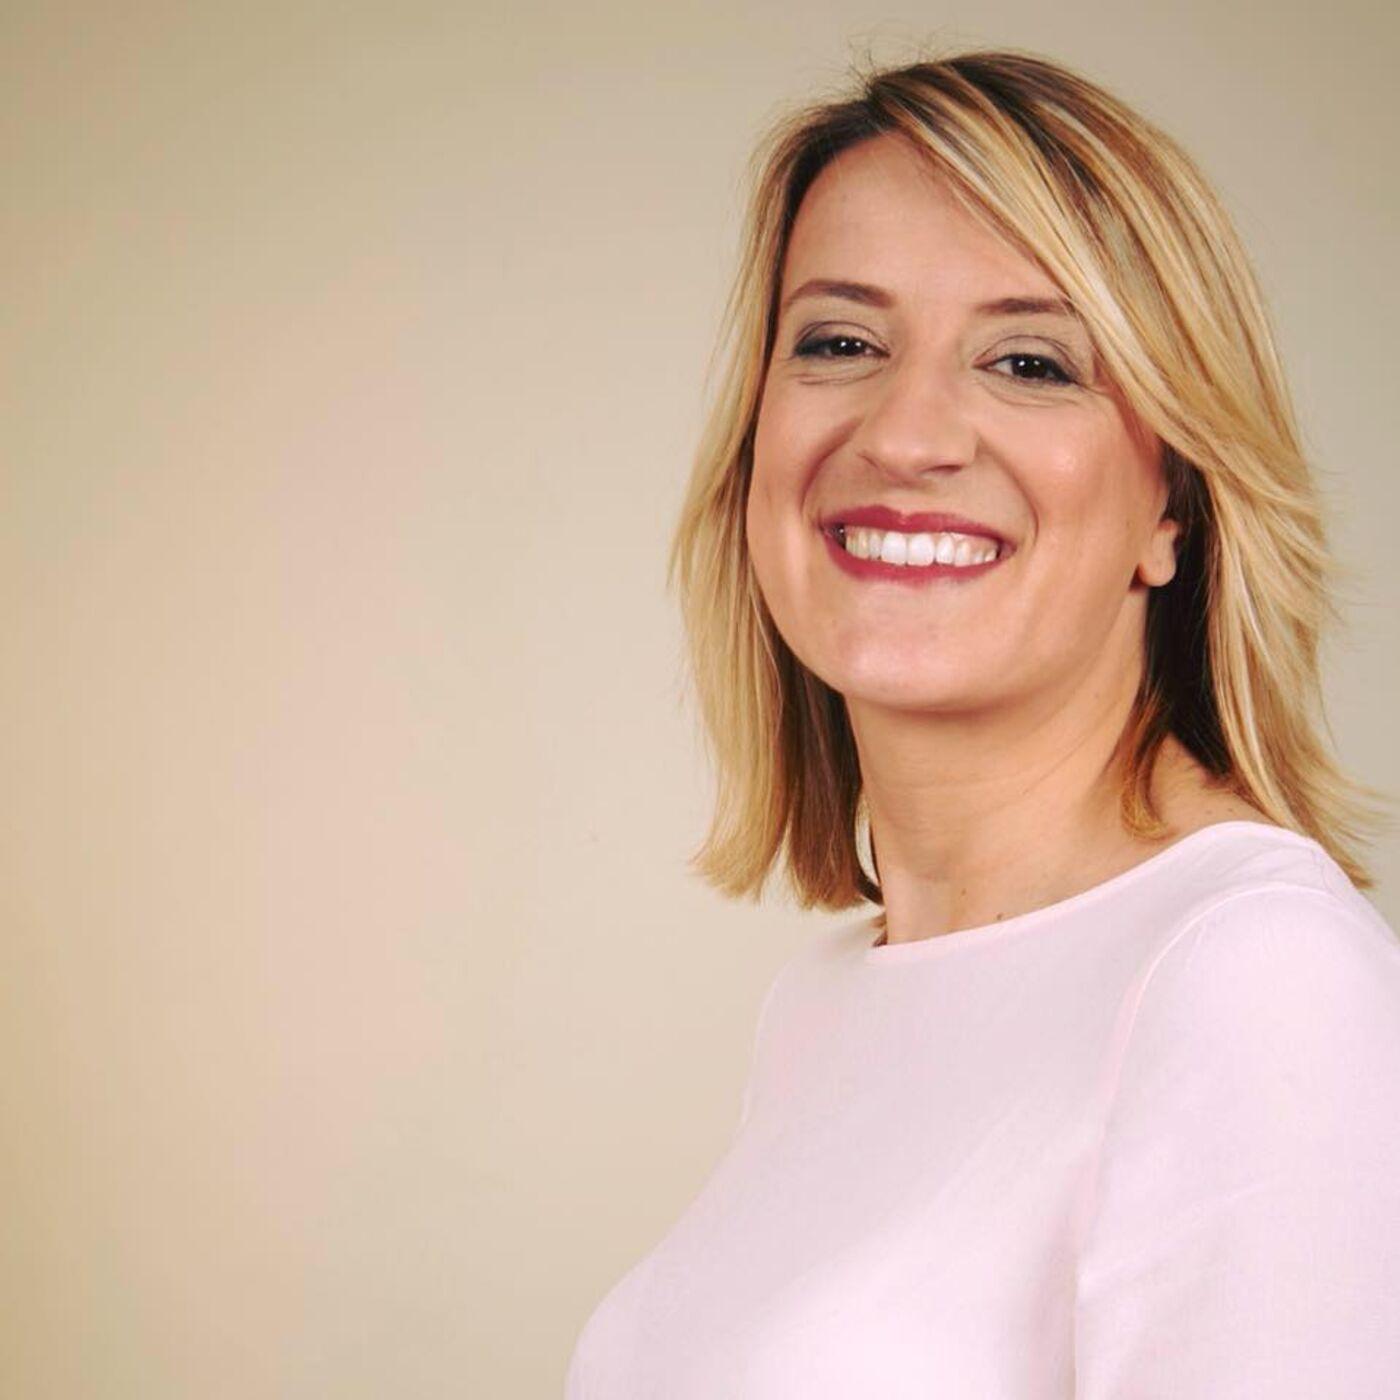 #7. Lucie Biserte, Agitatrice d'Idées